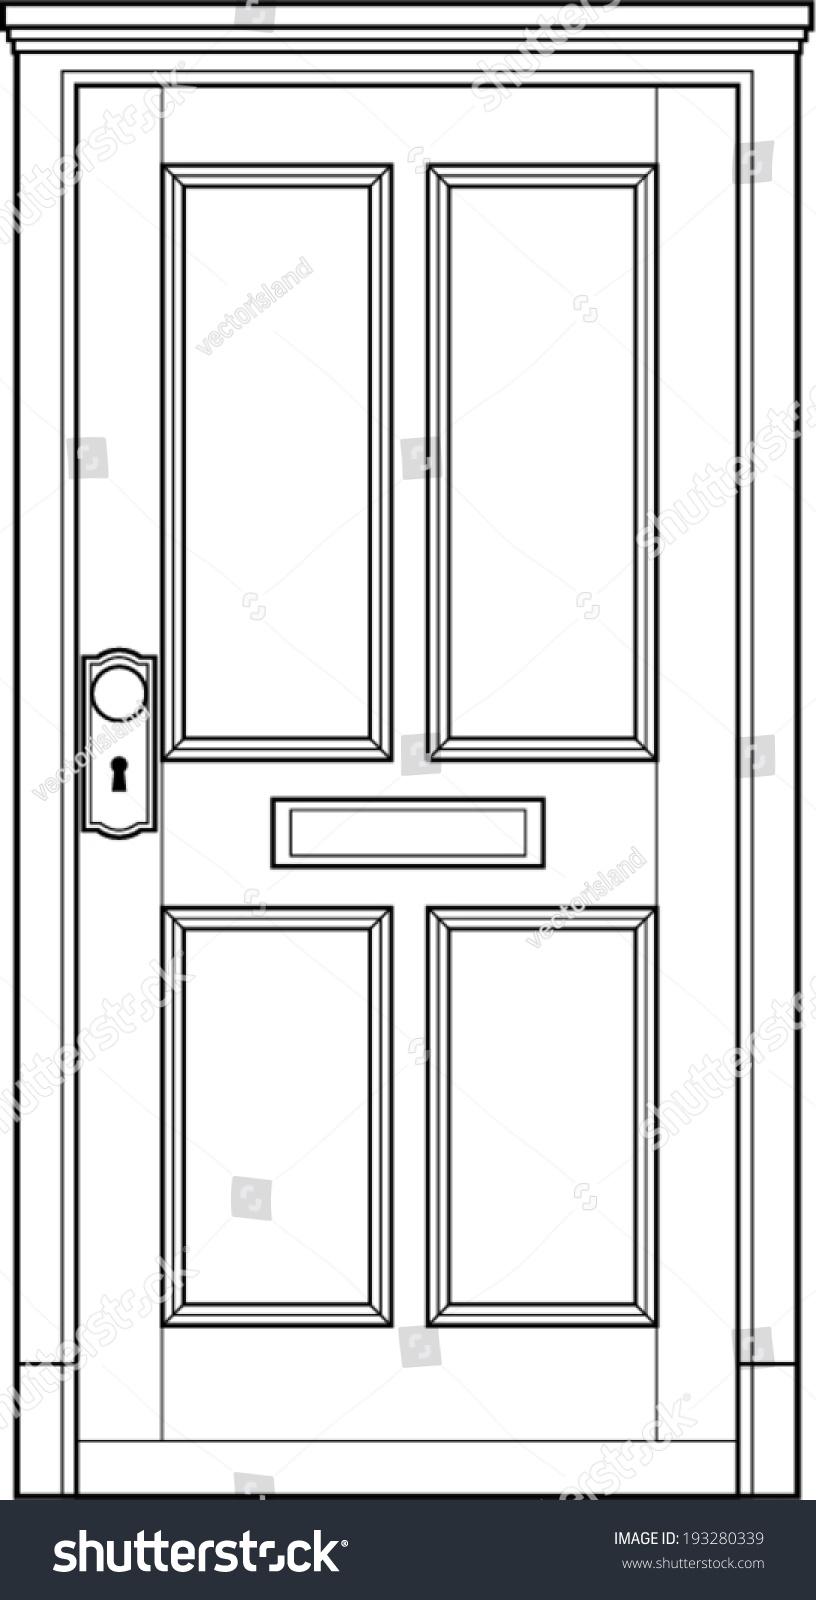 door line art stock vector 193280339 shutterstock. Black Bedroom Furniture Sets. Home Design Ideas